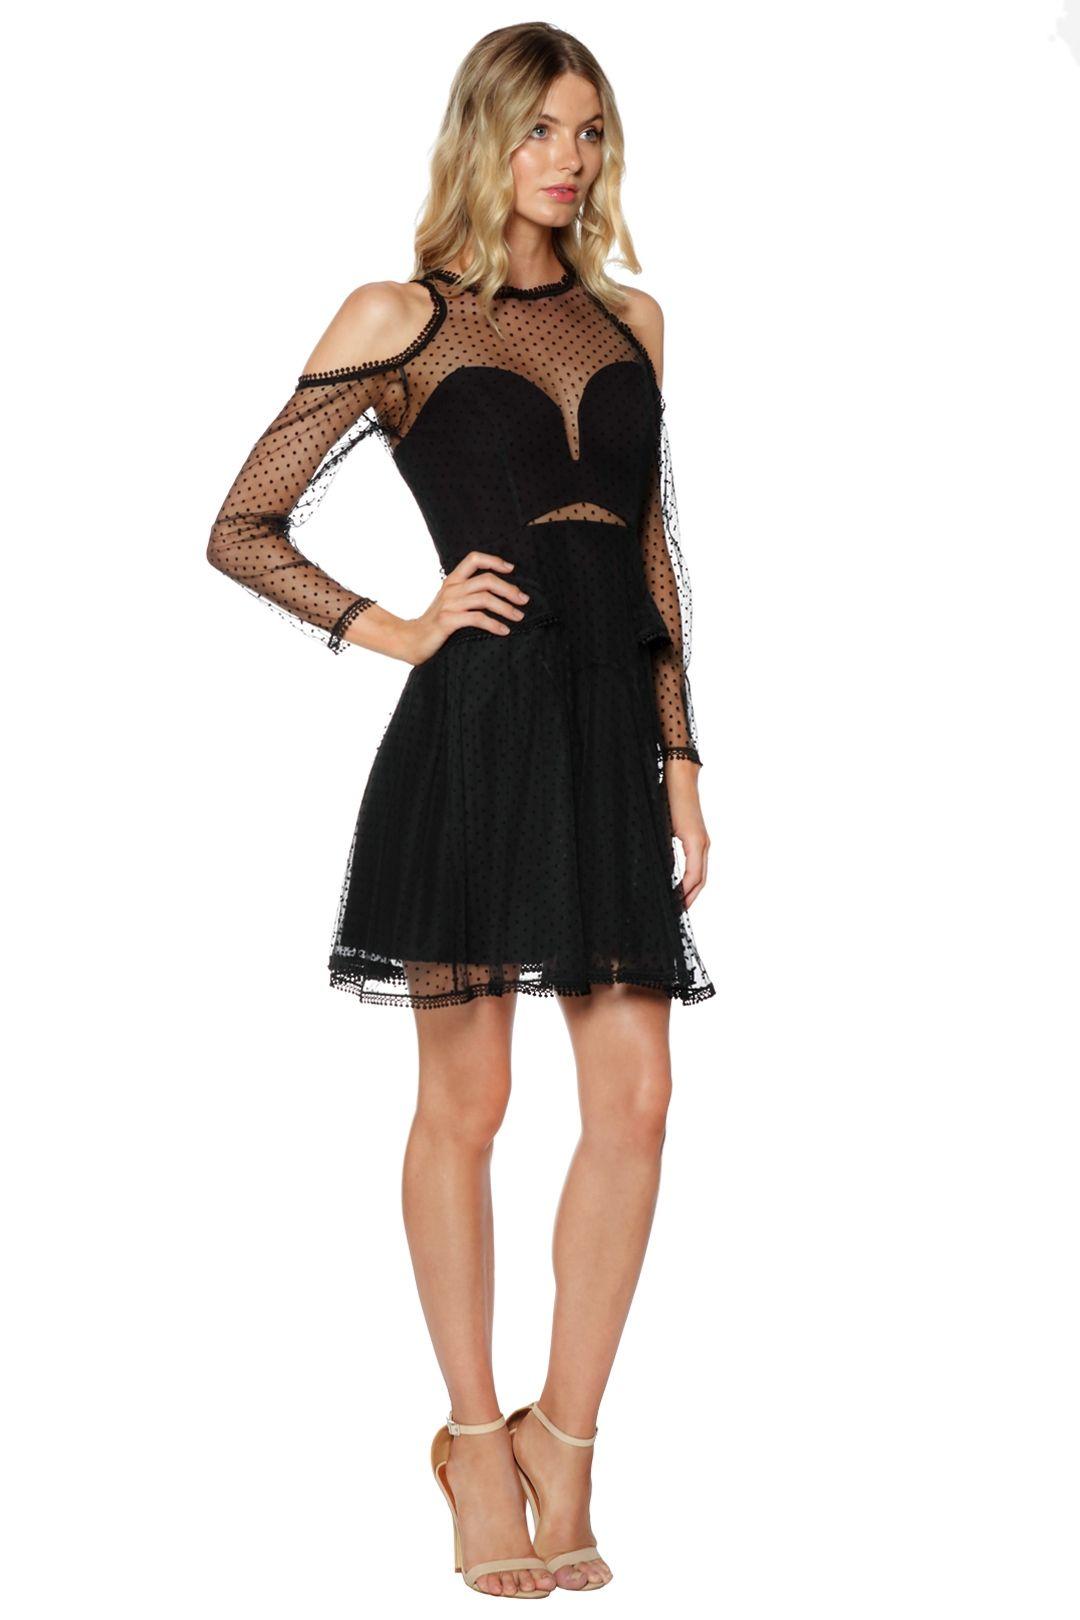 Thurley - Poppy Dress - Black - Side